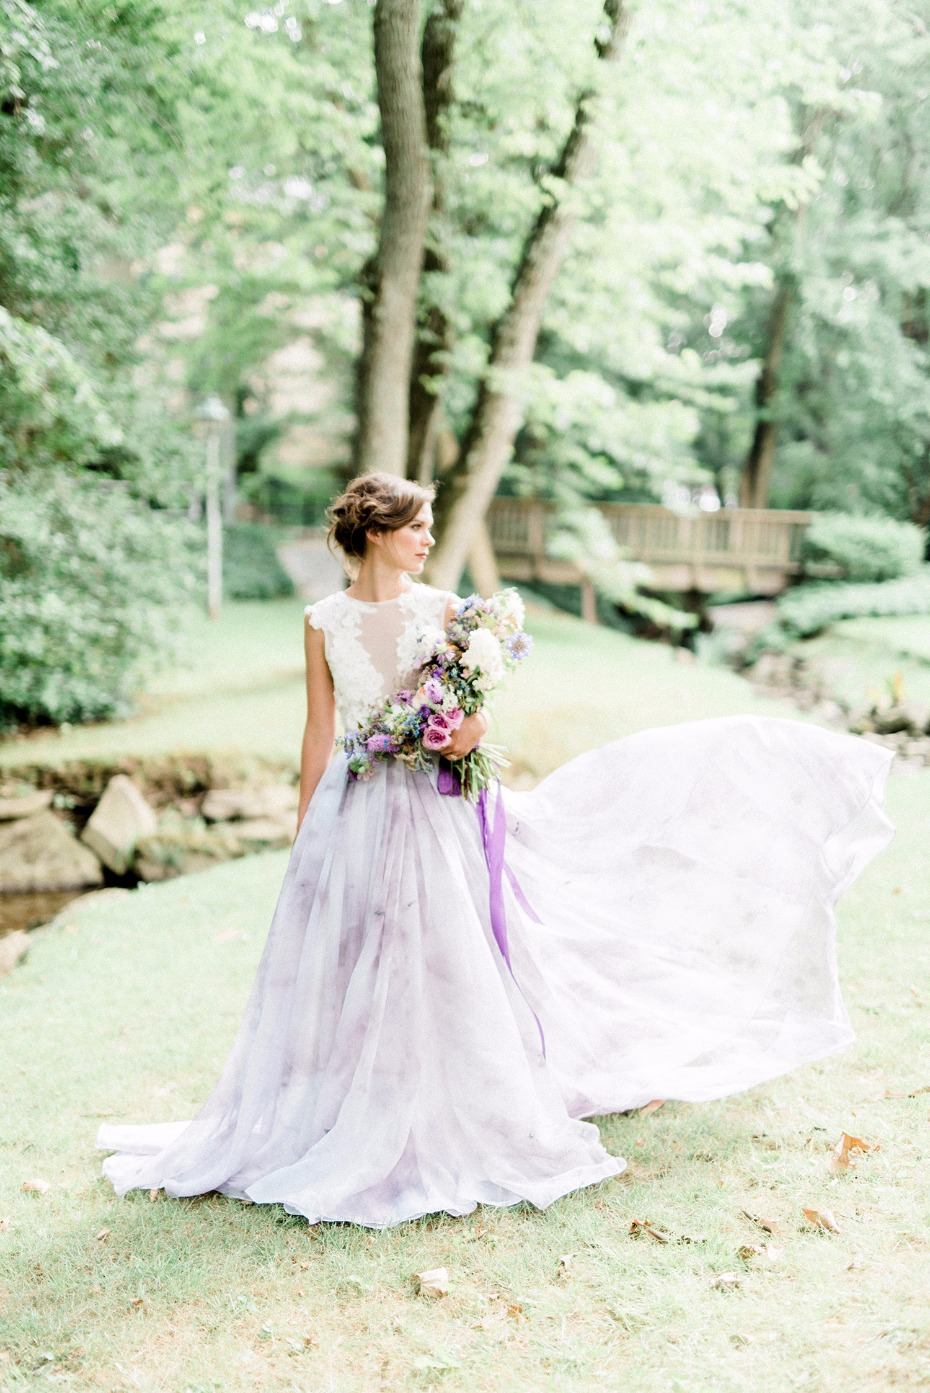 618321_haley-richter-photography-pomme-lavender-wedding-i.jpg